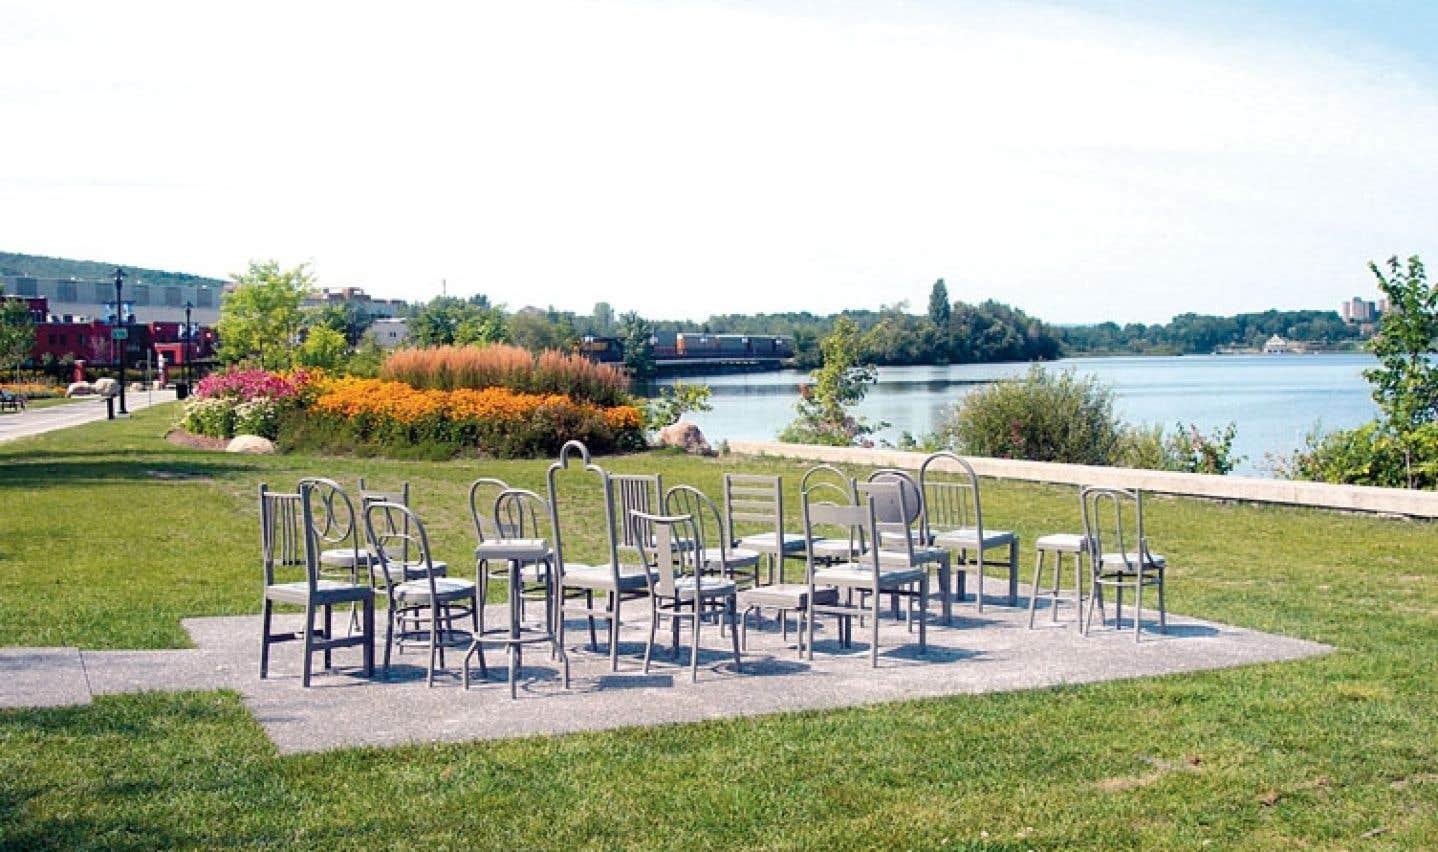 La collection du Musée des beaux-arts de Sherbrooke comprend l'œuvre Nulle part/ailleurs, 2002, de Michel Goulet, qui est installée sur les rives du lac des Nations, au centre-ville de Sherbrooke.